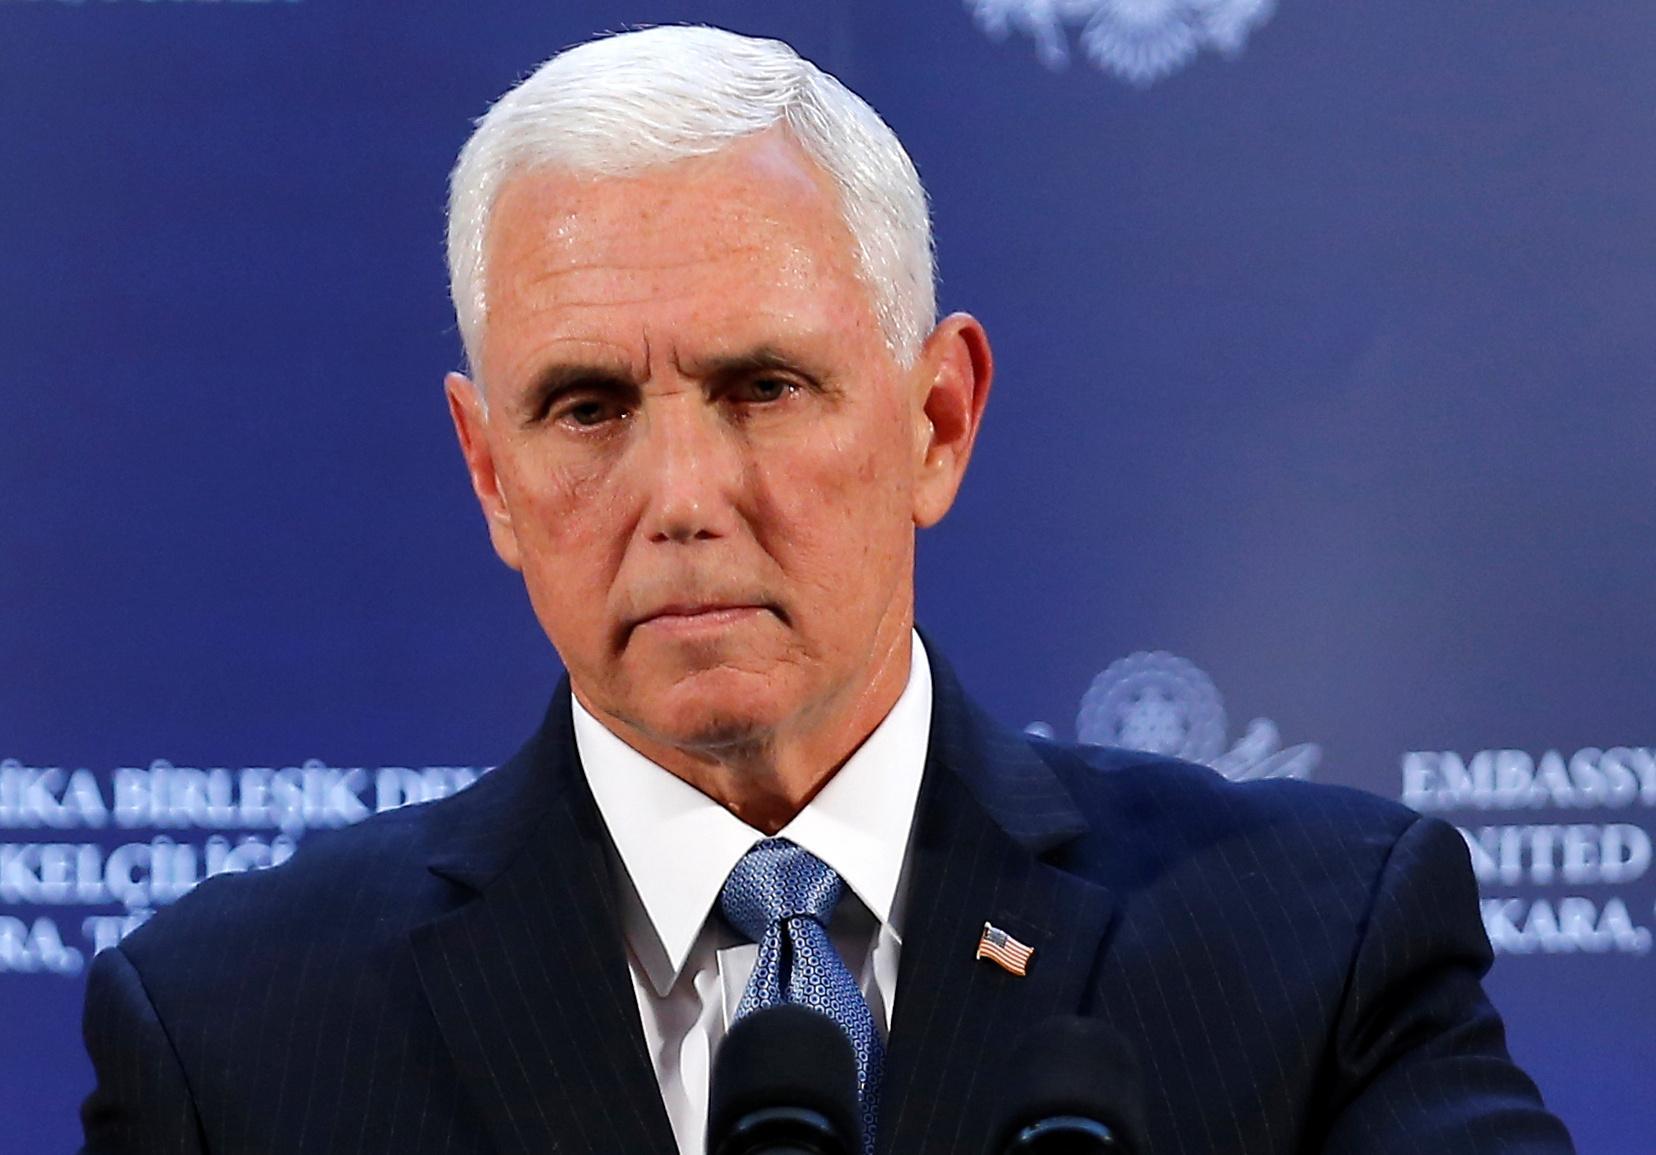 Phó Tổng Thống Mike Pence không viện dẫn Tu chính án thứ 25 để bãi nhiệm Tổng Thống Trump. Hạ Viện chuẩn bị tiến trình bỏ phiếu luận tội